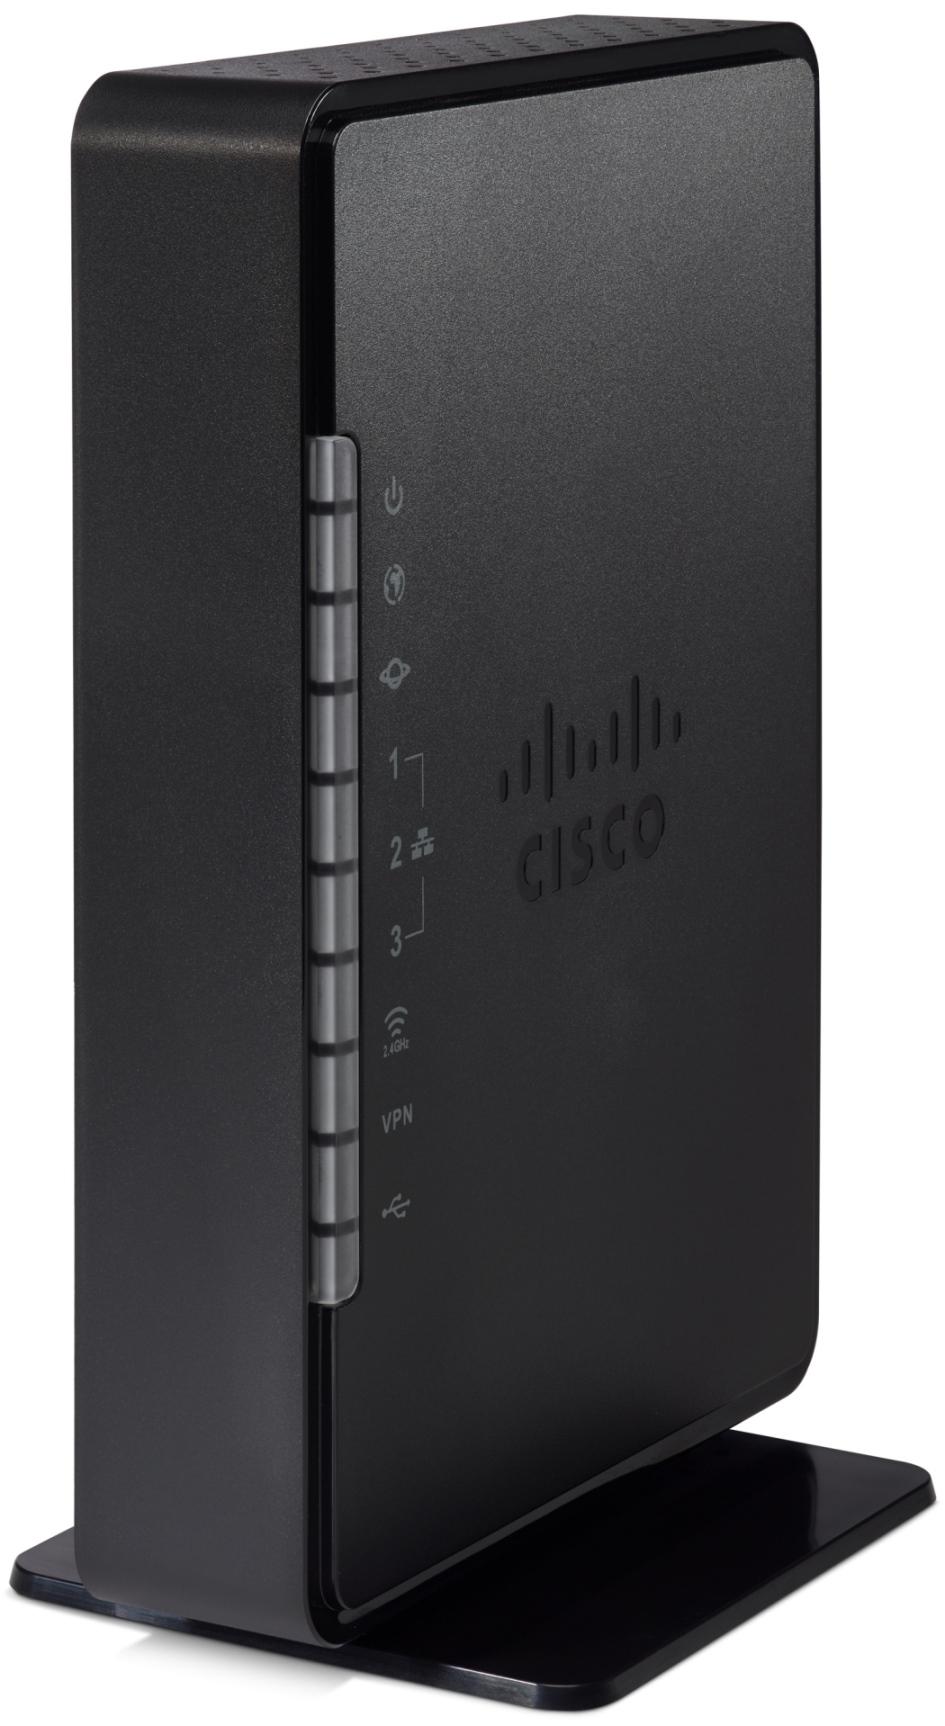 Cisco RV134W Wireless-N VPN Router